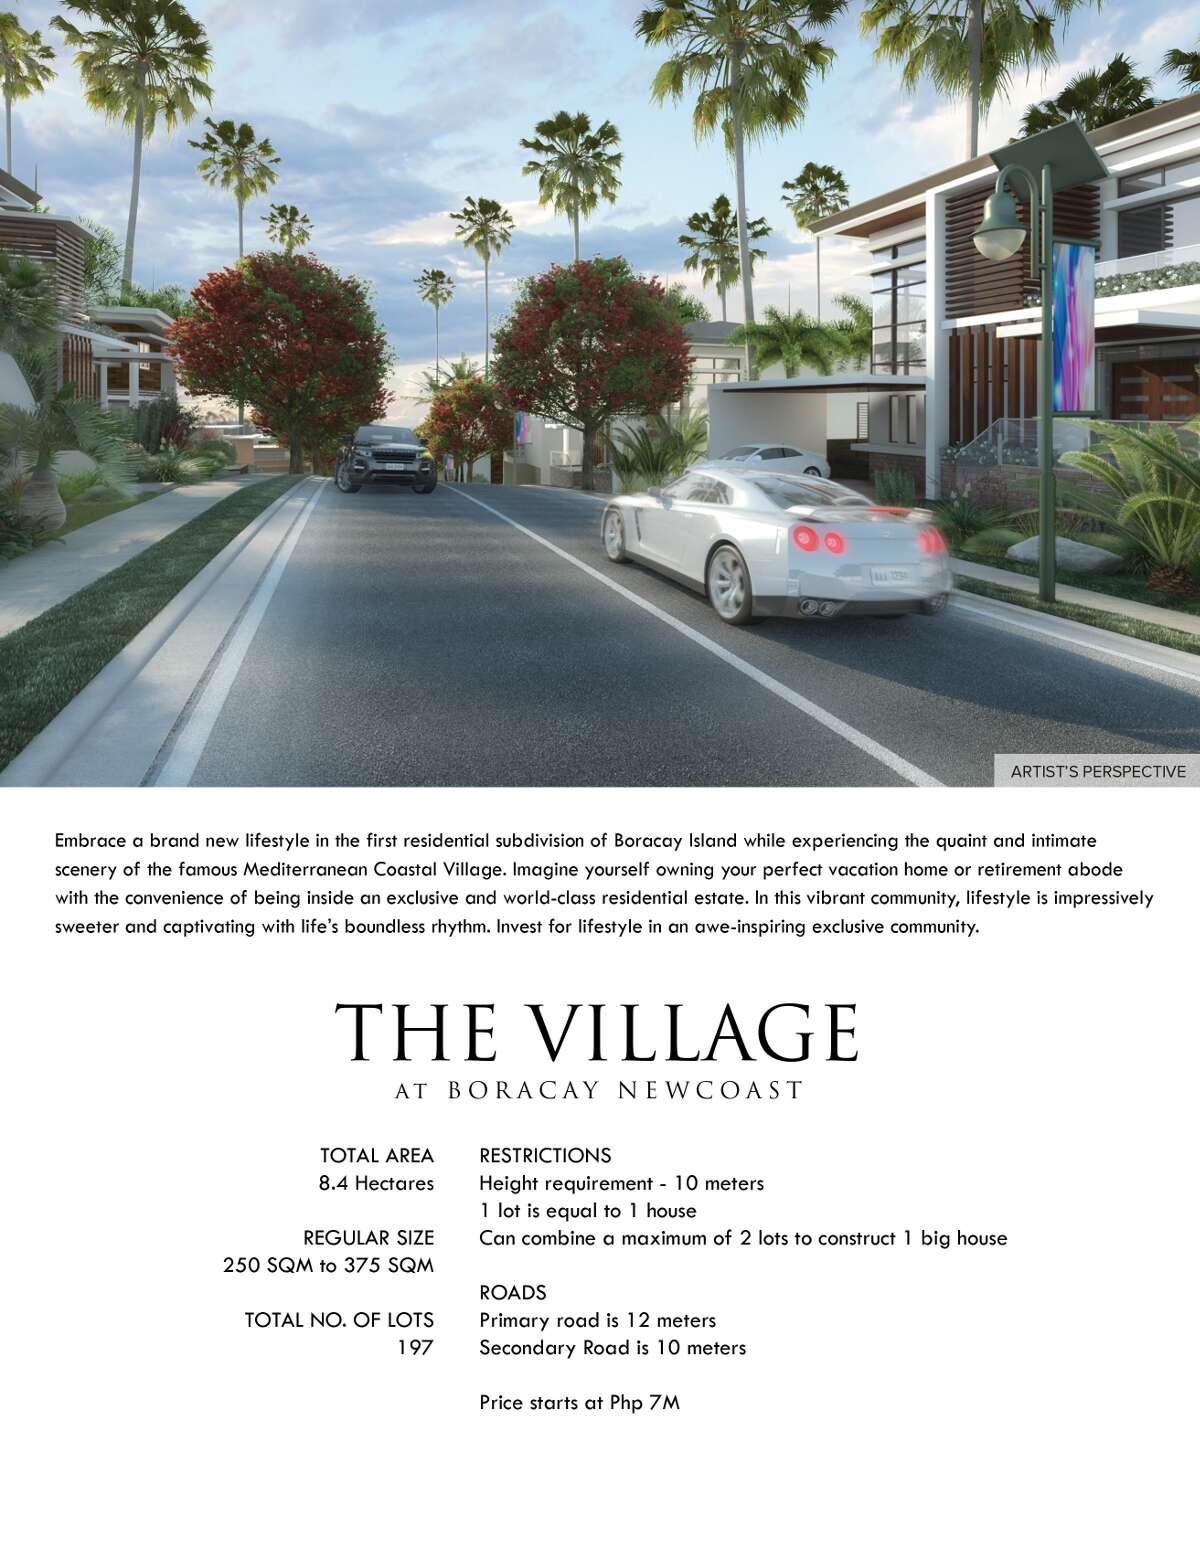 New Coast Village Brief Info